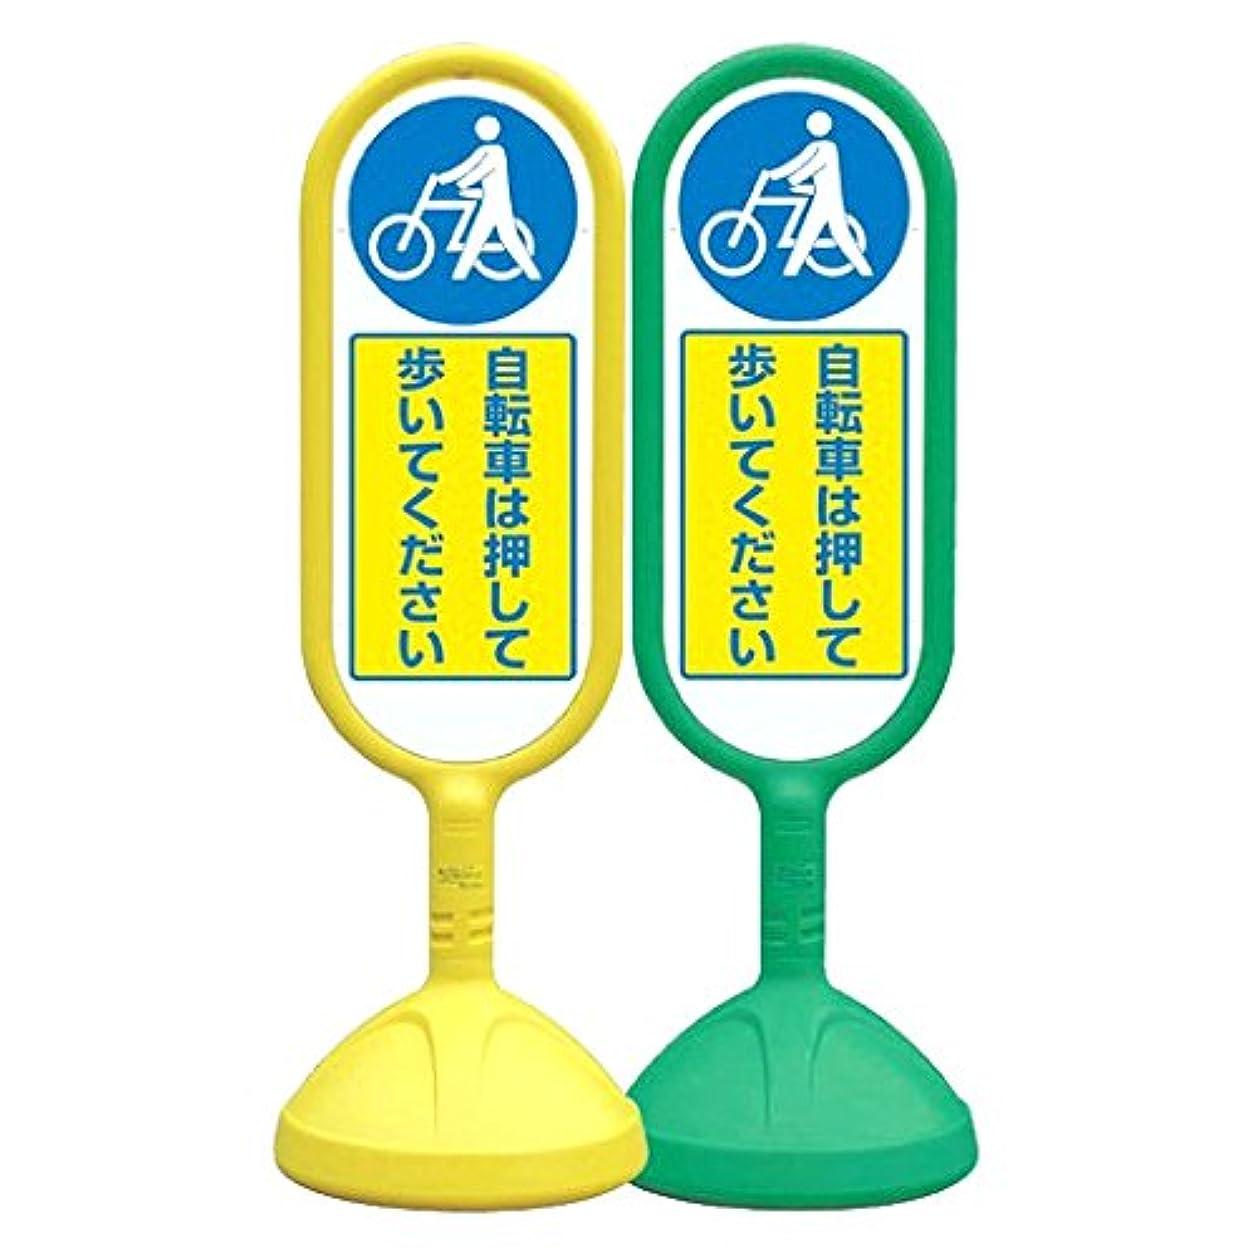 エネルギー神聖オフェンスサインスタンド看板 サインキュート 「自転車は押して歩いてください」 両面表示/本体カラー黄色